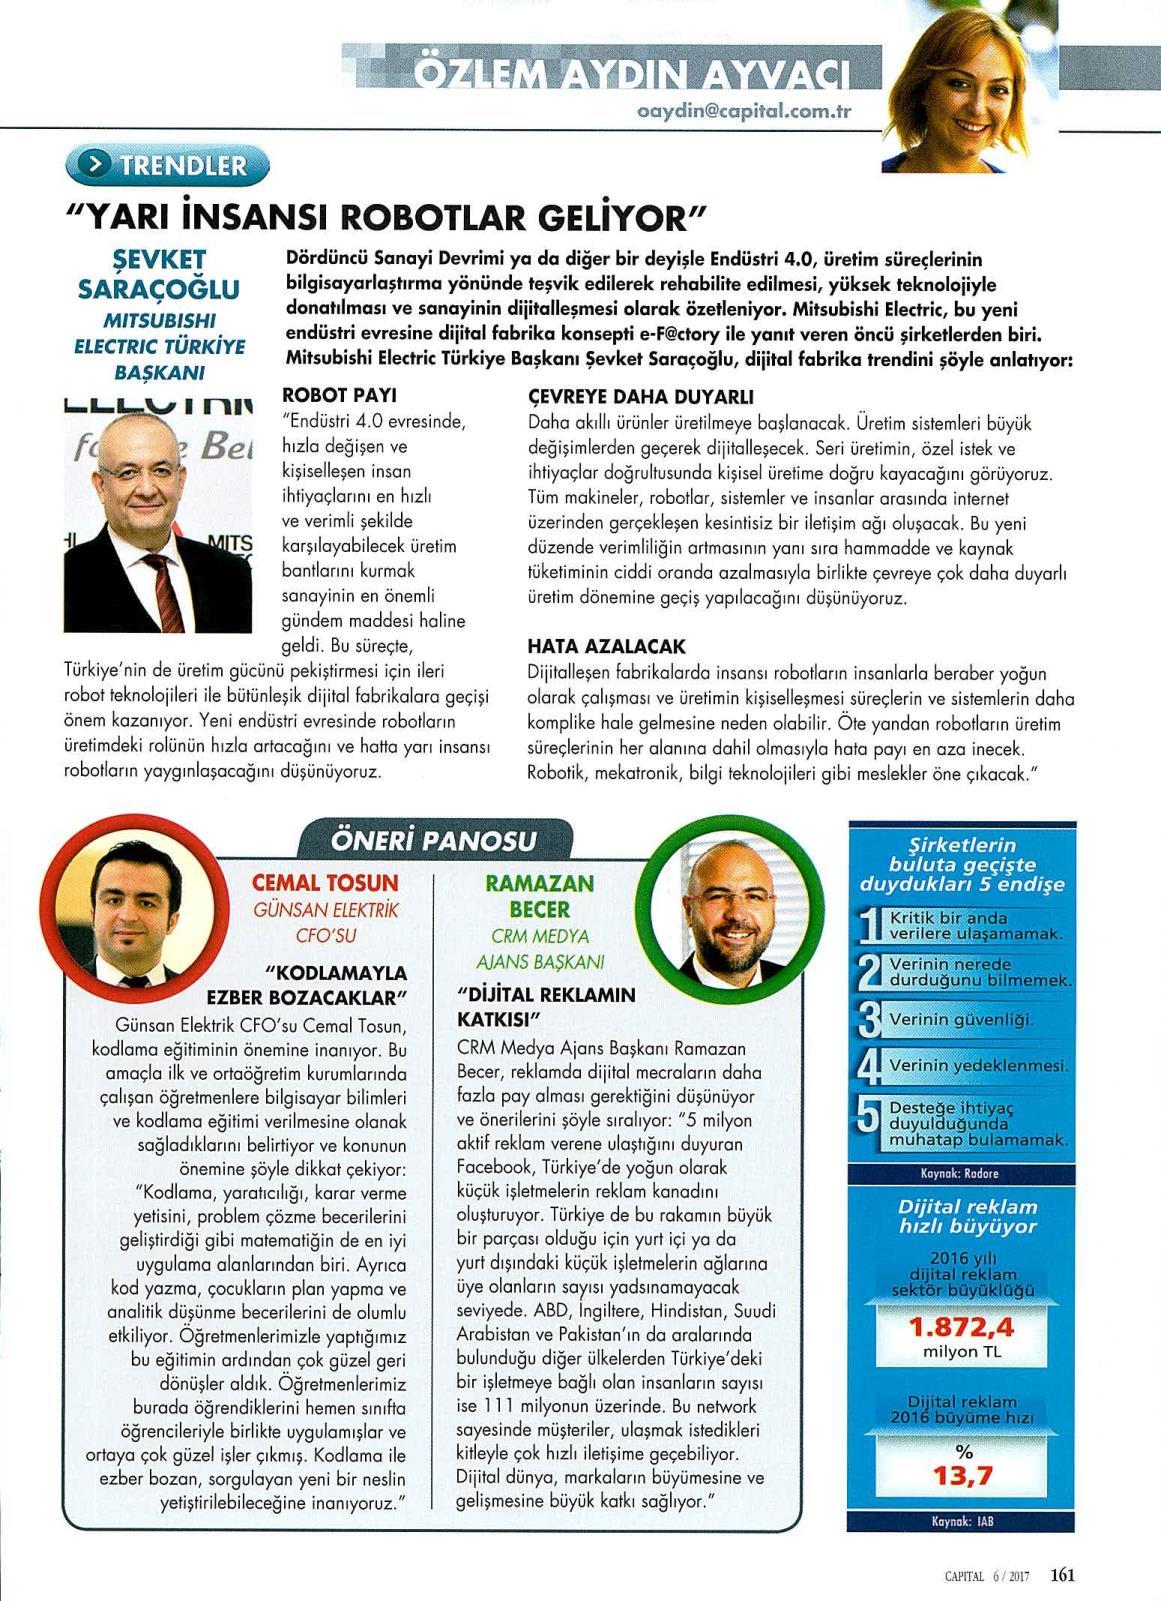 """""""YARI İNSANSI ROBOTLAR GELİYOR""""capital"""